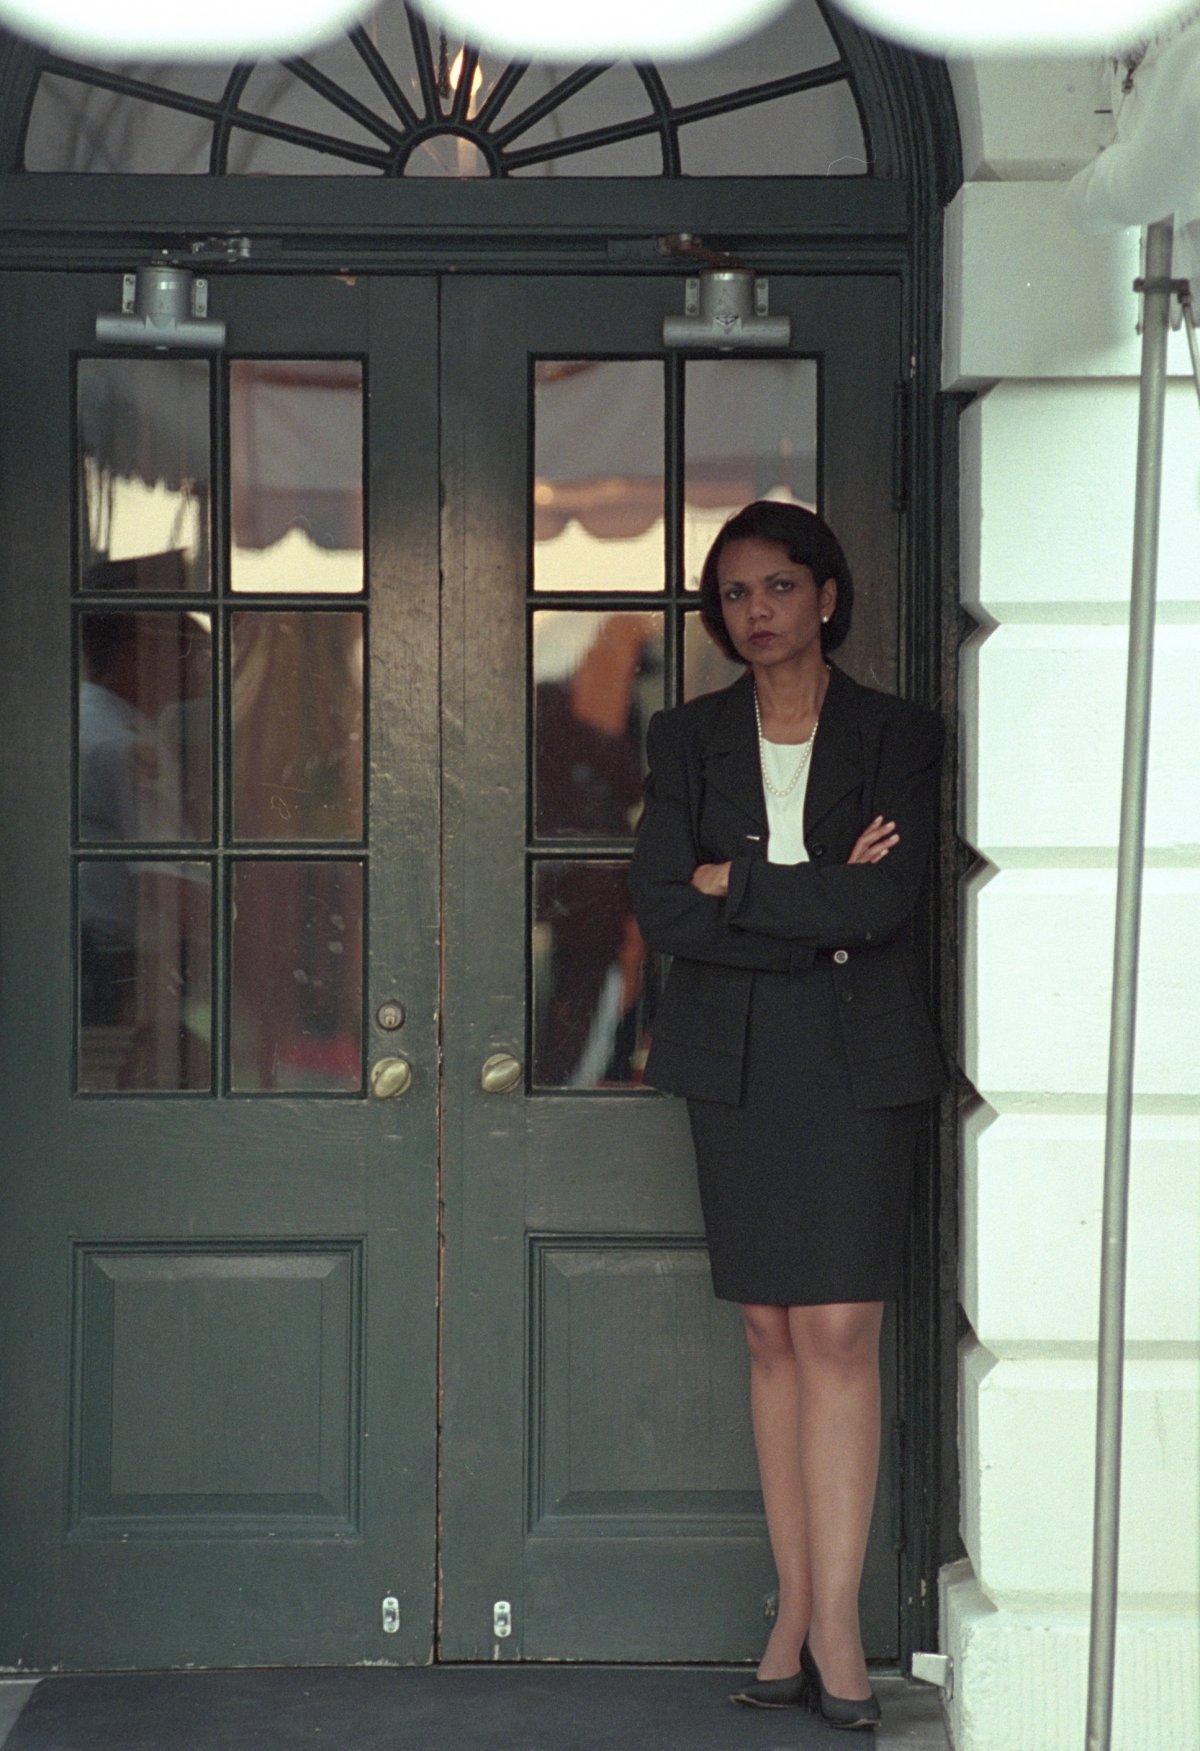 Cố vấn An ninh Quốc gia Condoleezza Rice đợi Tổng thống Bush ở Nhà Trắng, nơi ông chưa trở về ngay lập tức sau khi vụ khủng bố xảy ra.